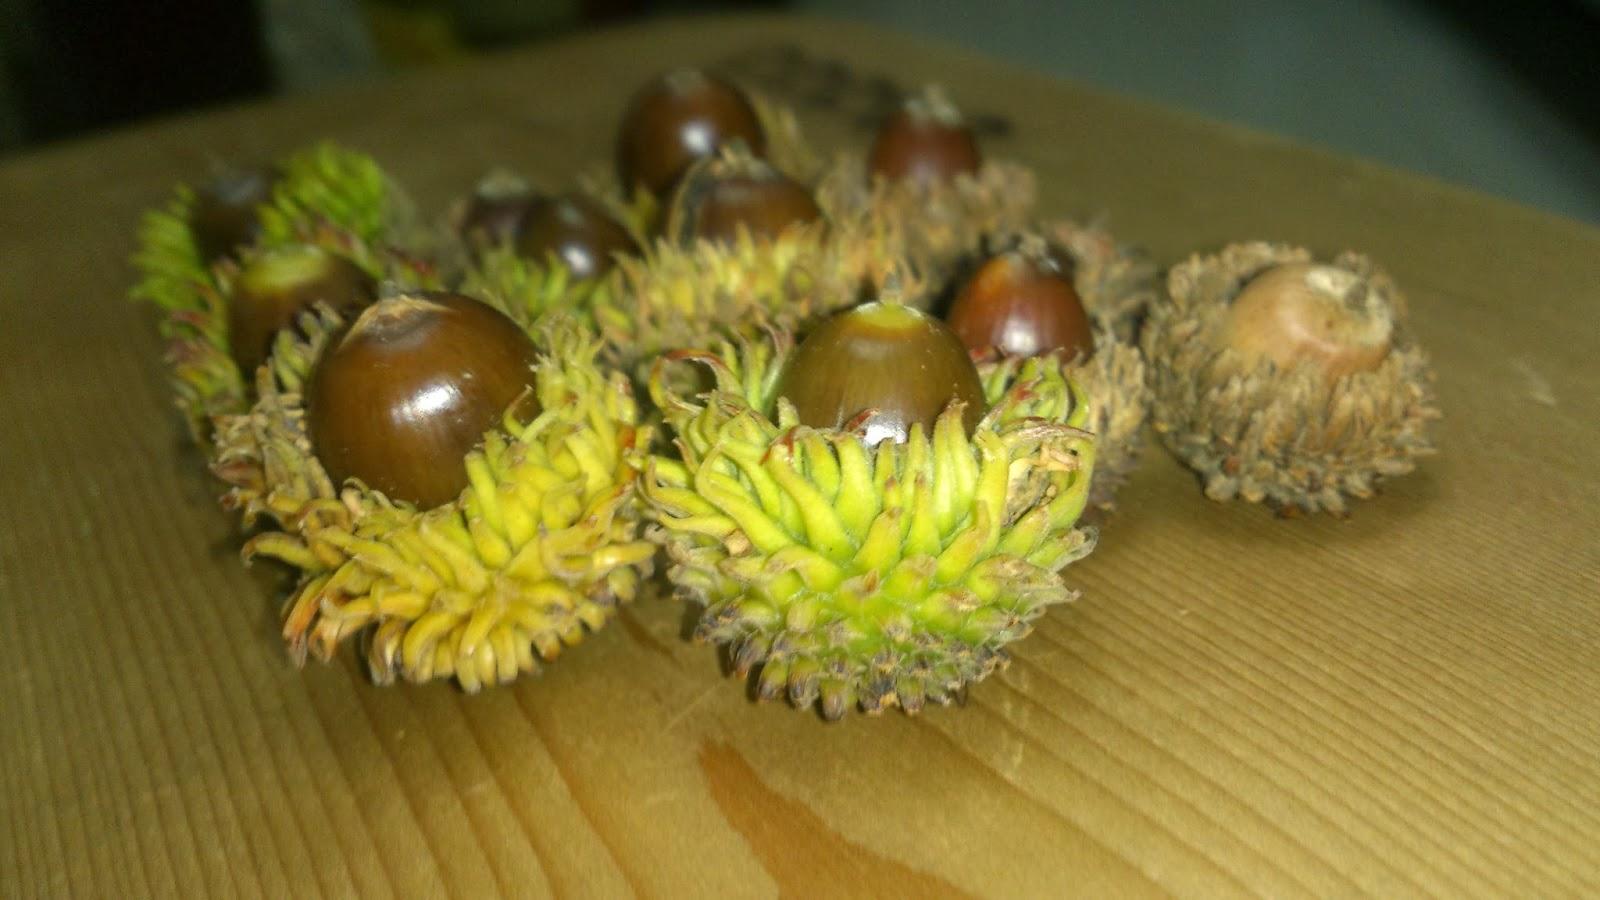 花草影像: 栓皮櫟種子盆栽